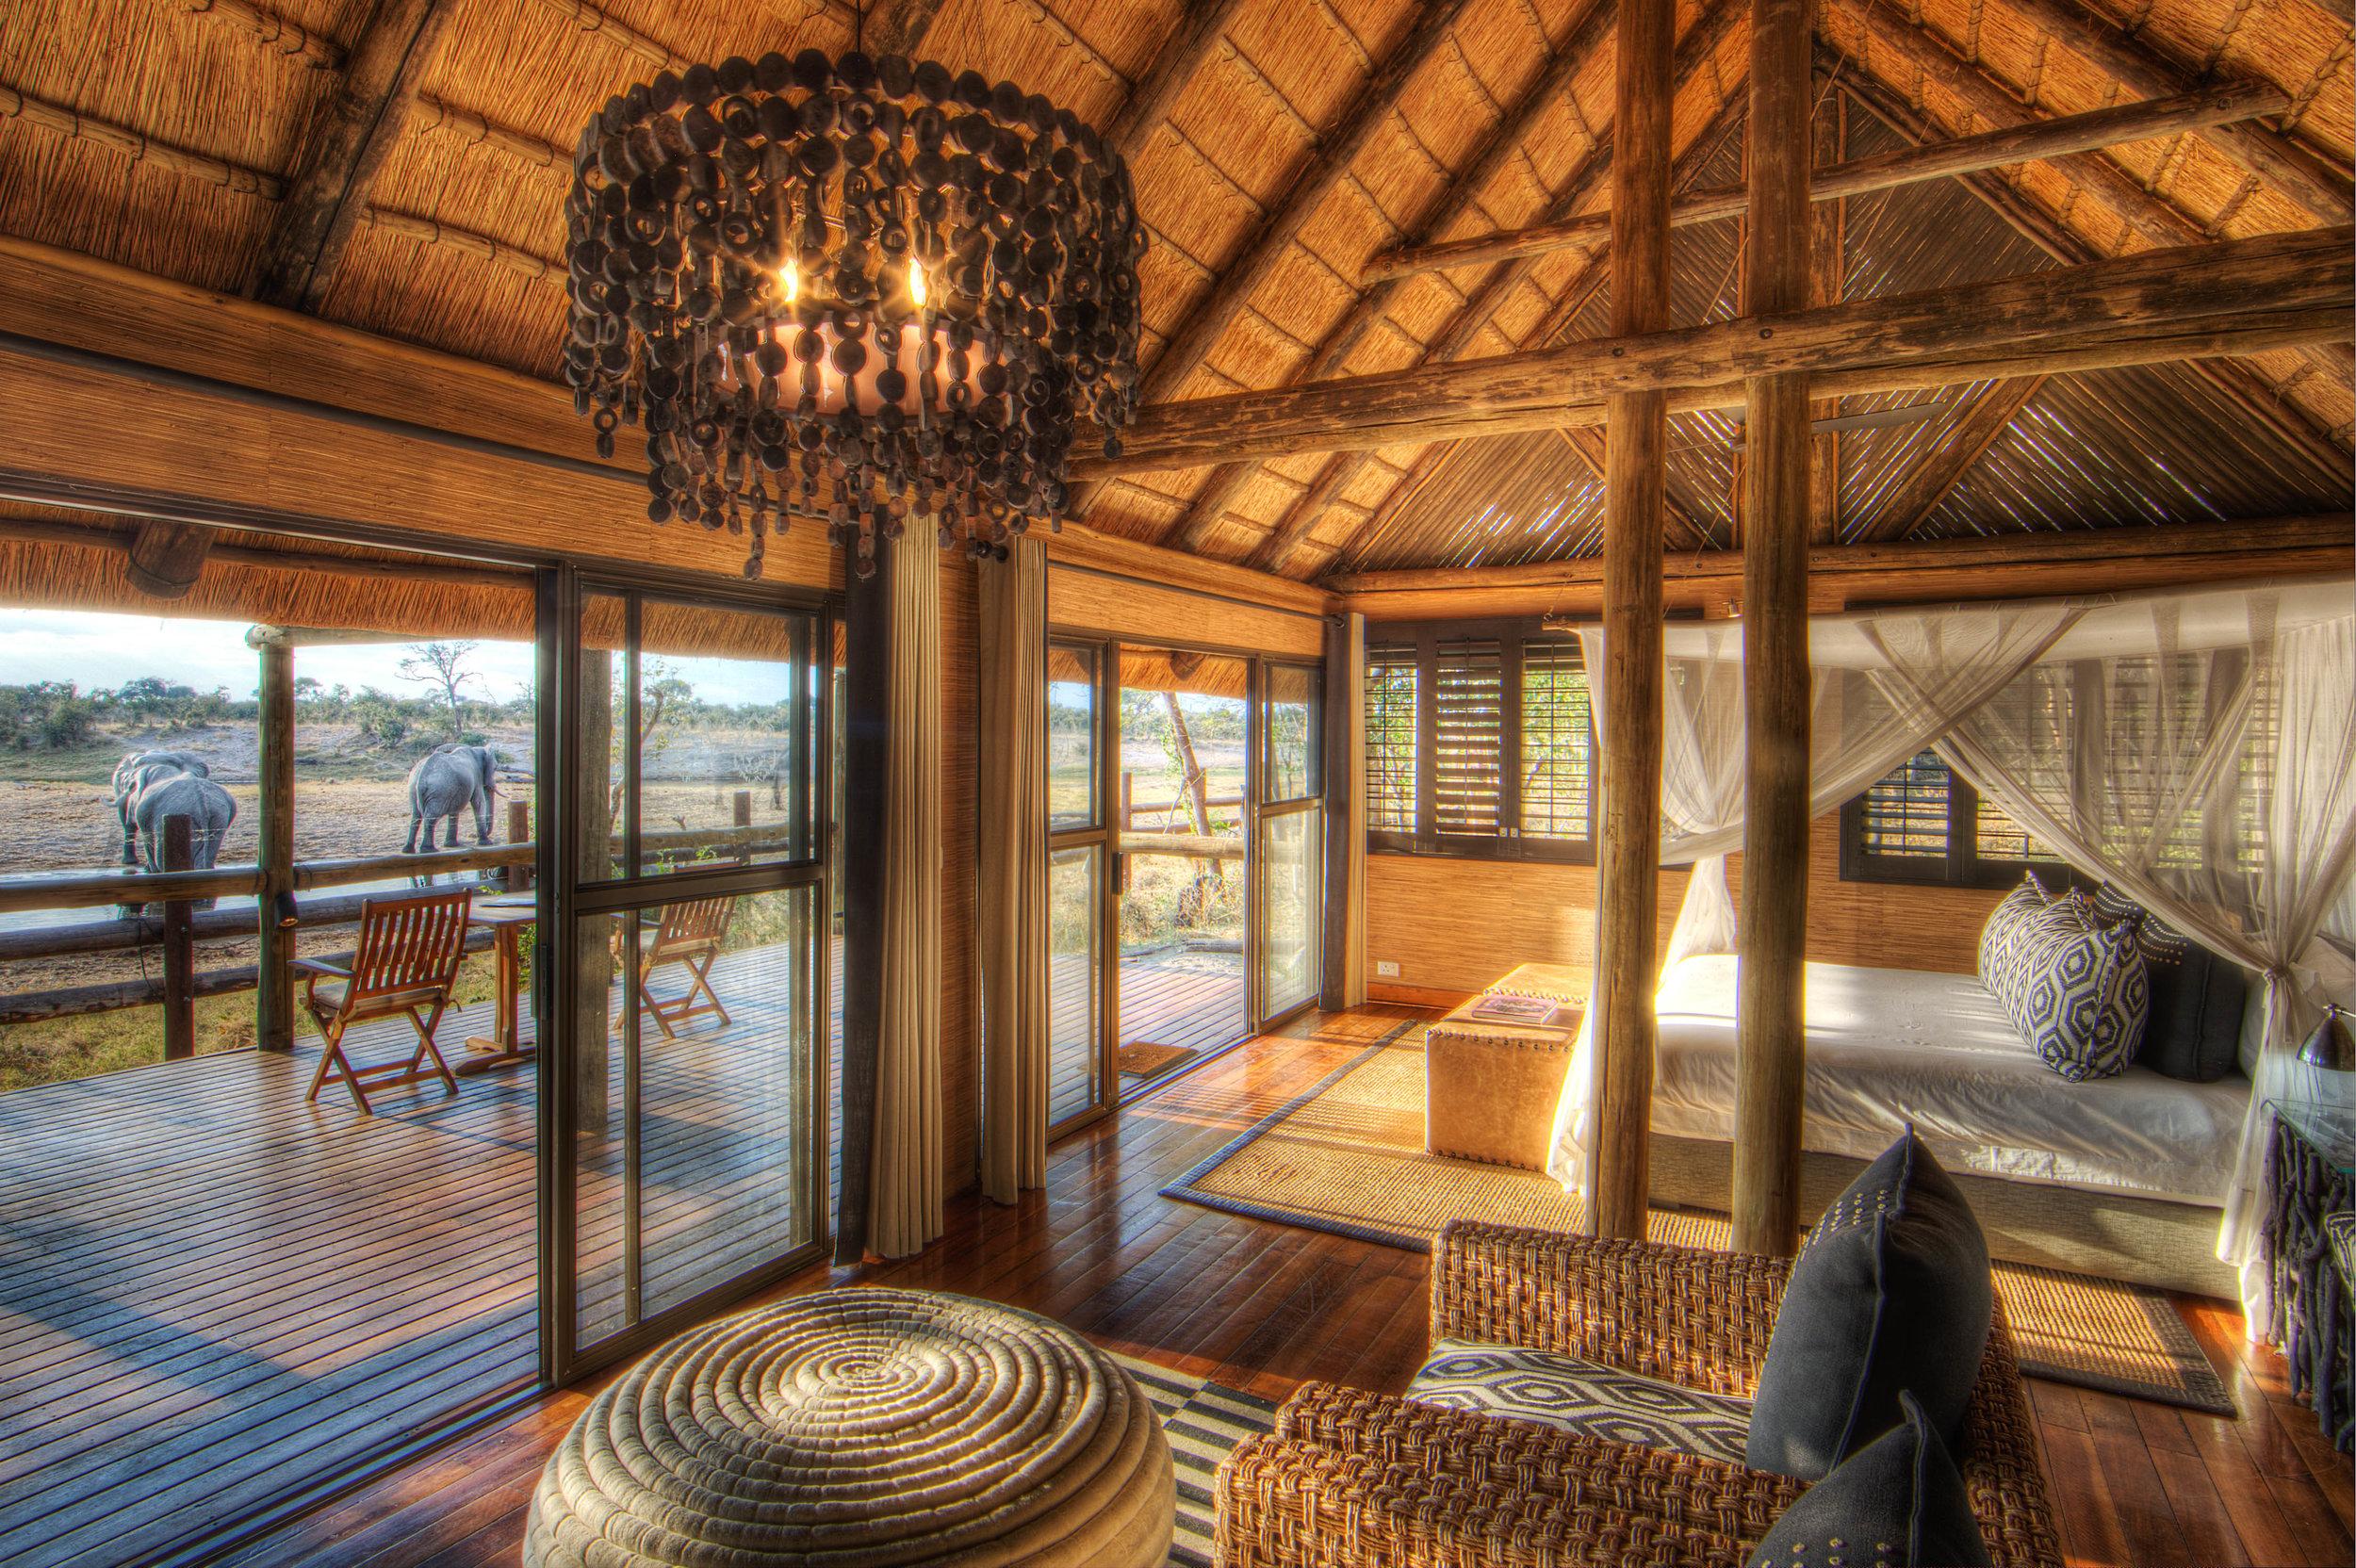 top chobe lodge - savute safari lodge